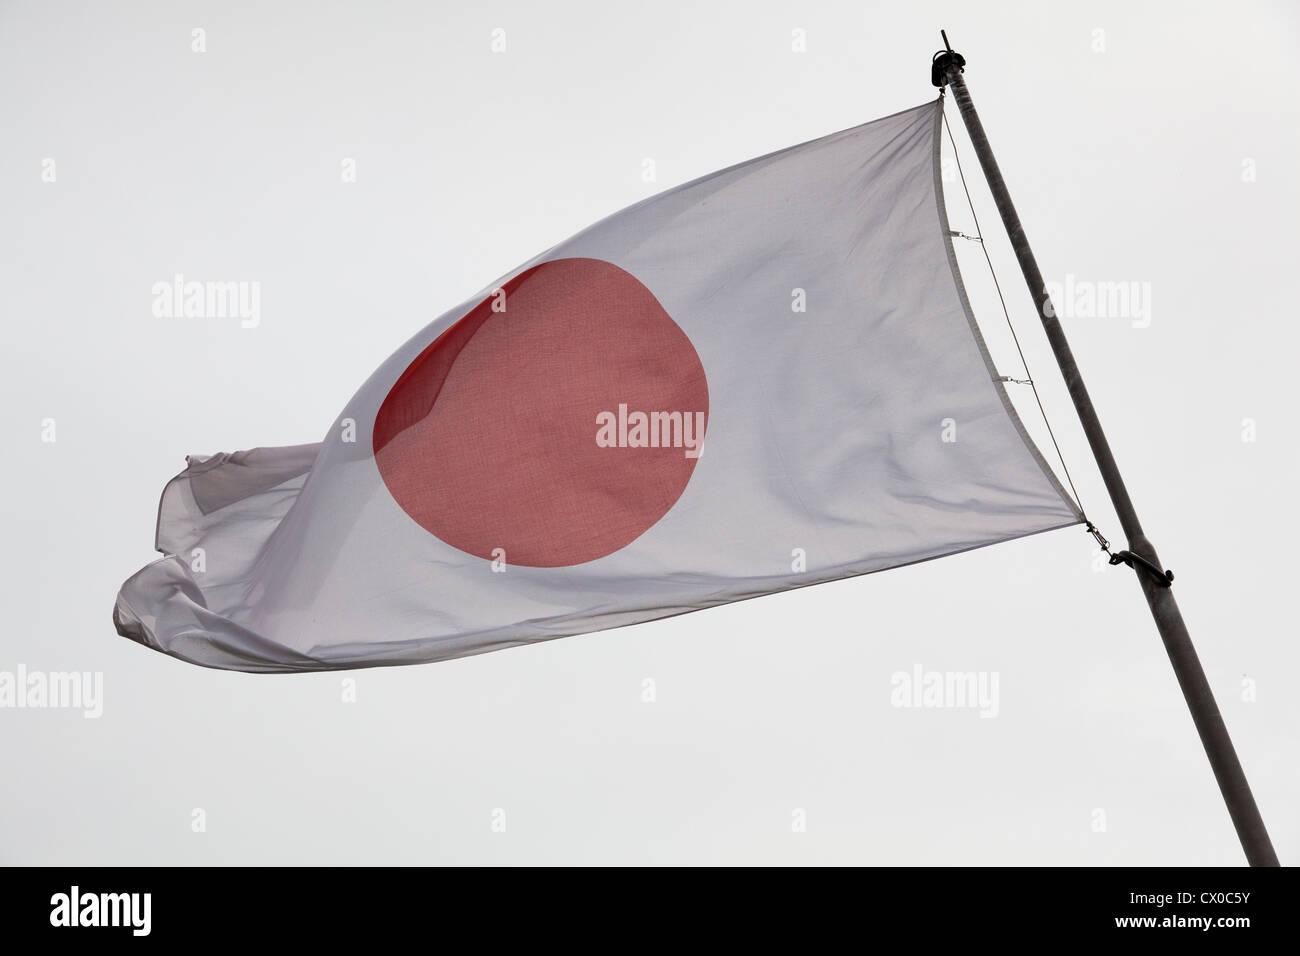 Japanese national flag - Stock Image